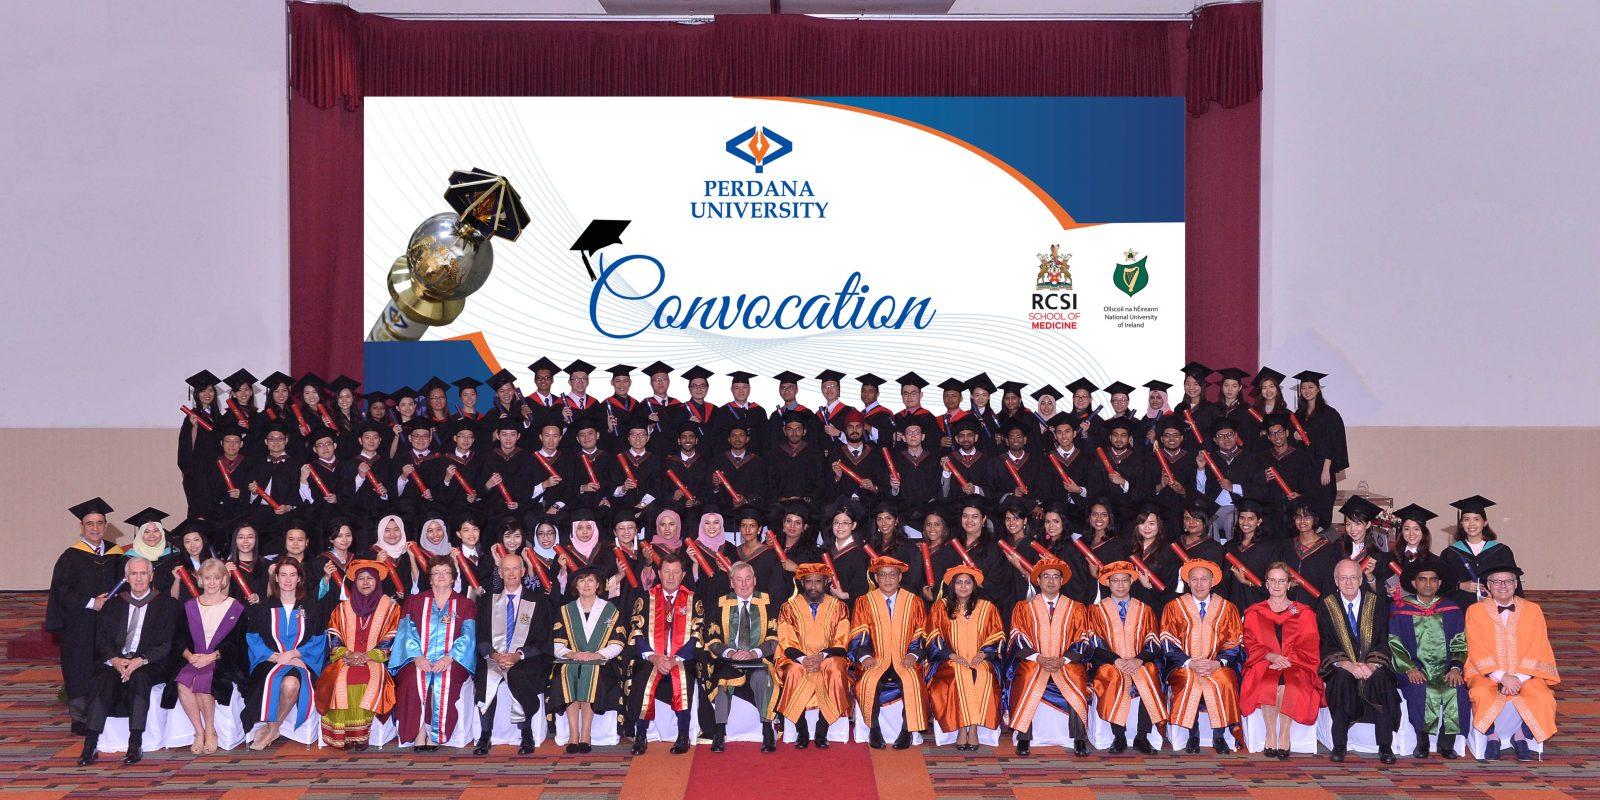 Perdana University Convocation 2017